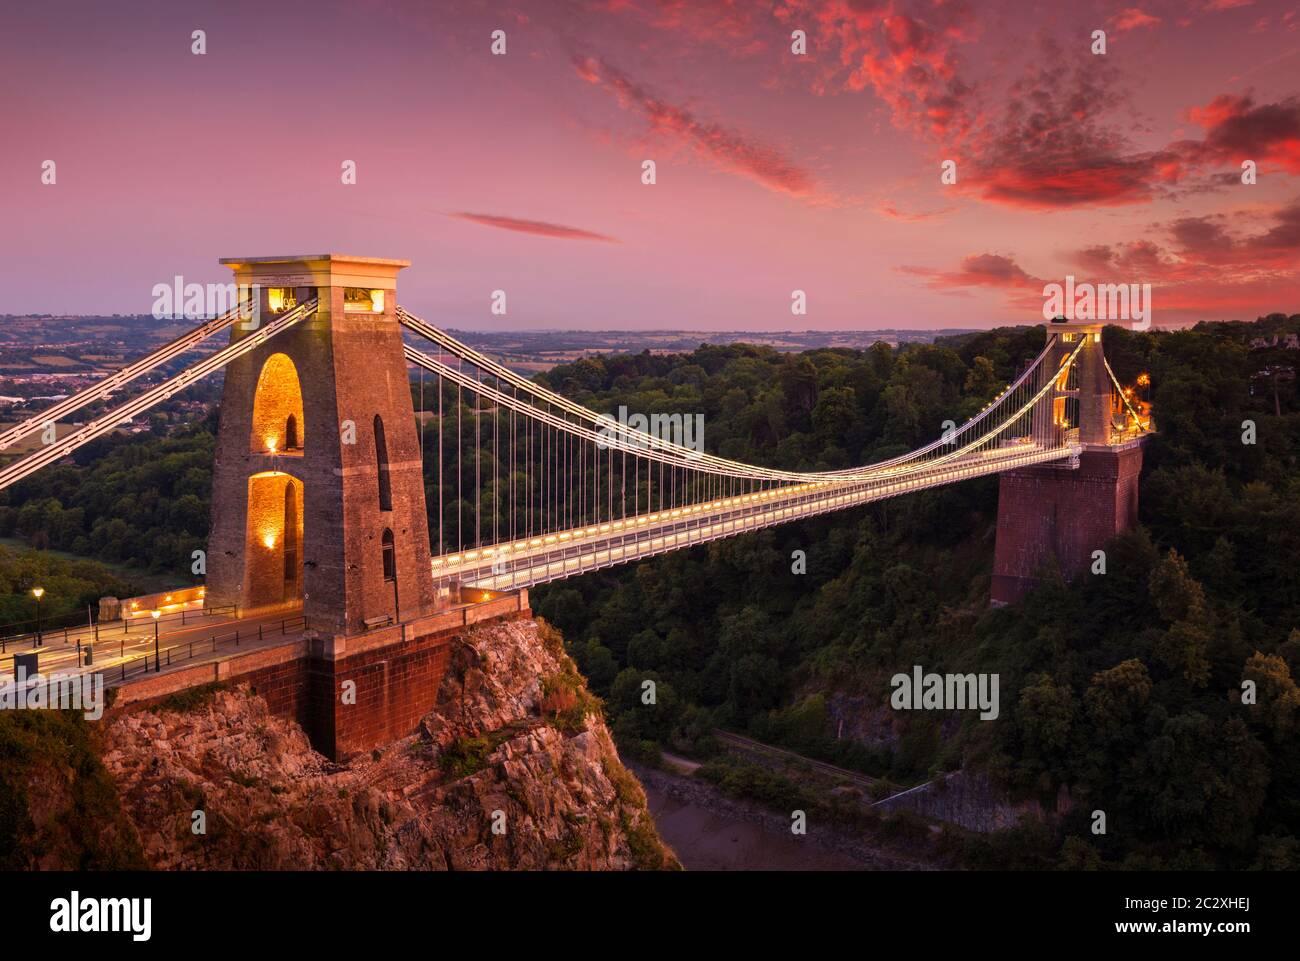 Pont suspendu de Bristol un pont à péage au pont suspendu de Clifton illuminé au coucher du soleil clifton Downs,Avon gorge Bristol England GB Europe Banque D'Images